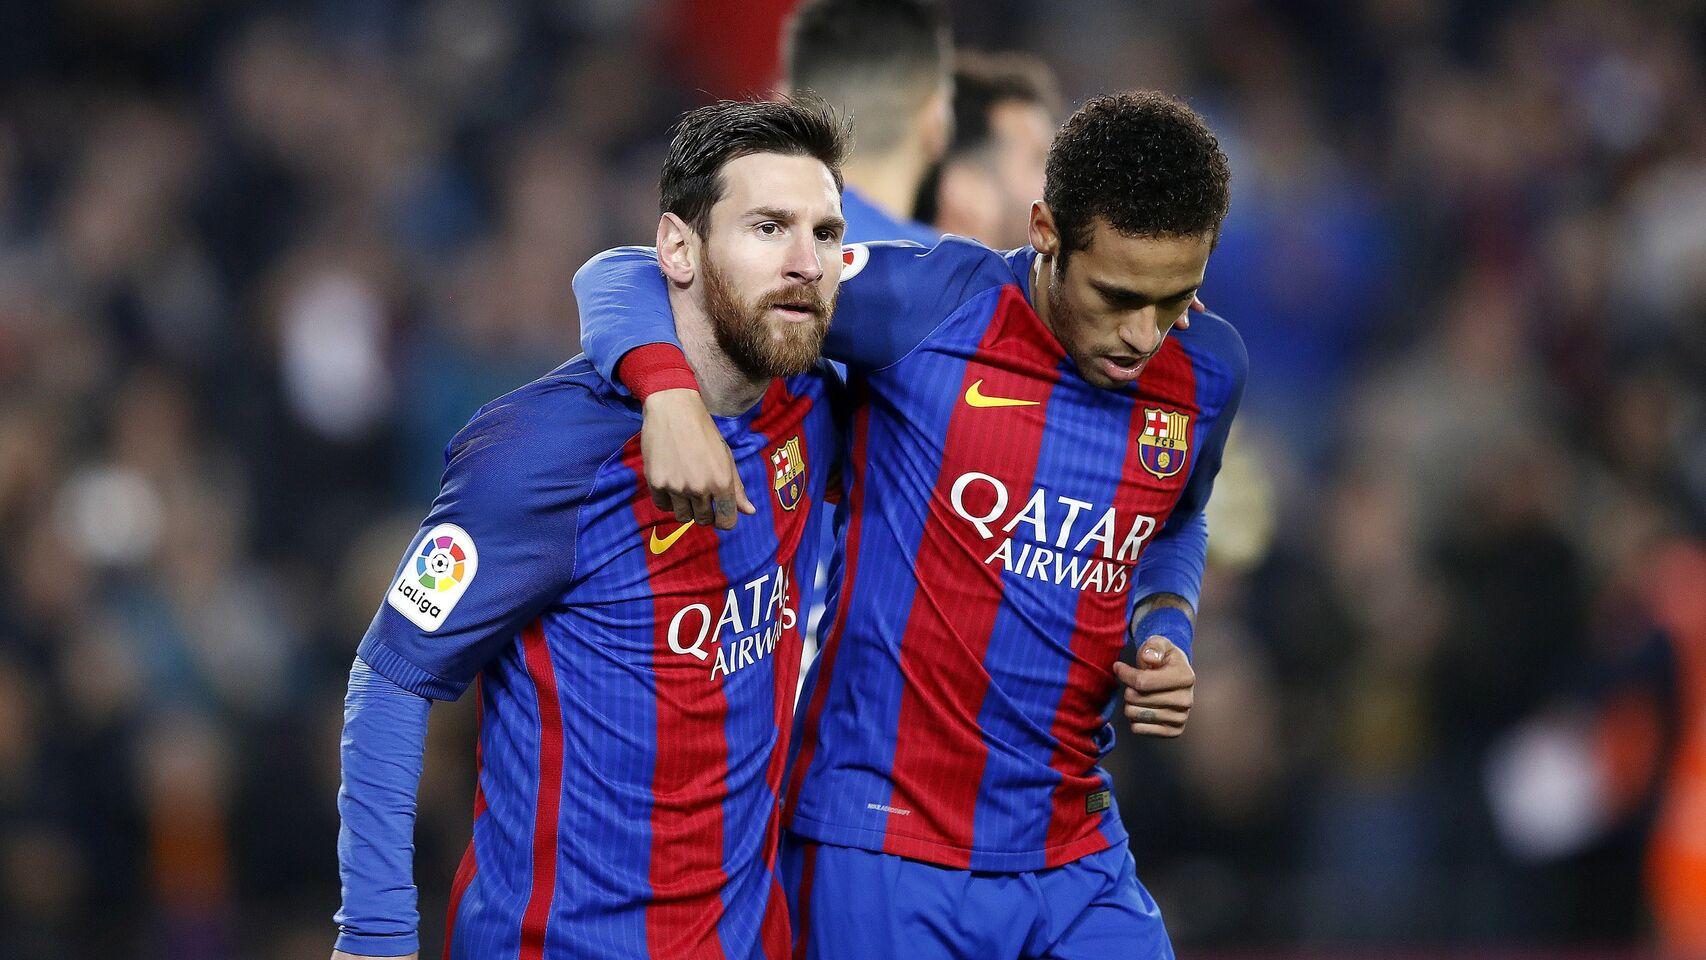 JEP Sports clave en la intermediación para que Messi y Neymar jueguen juntos en el City